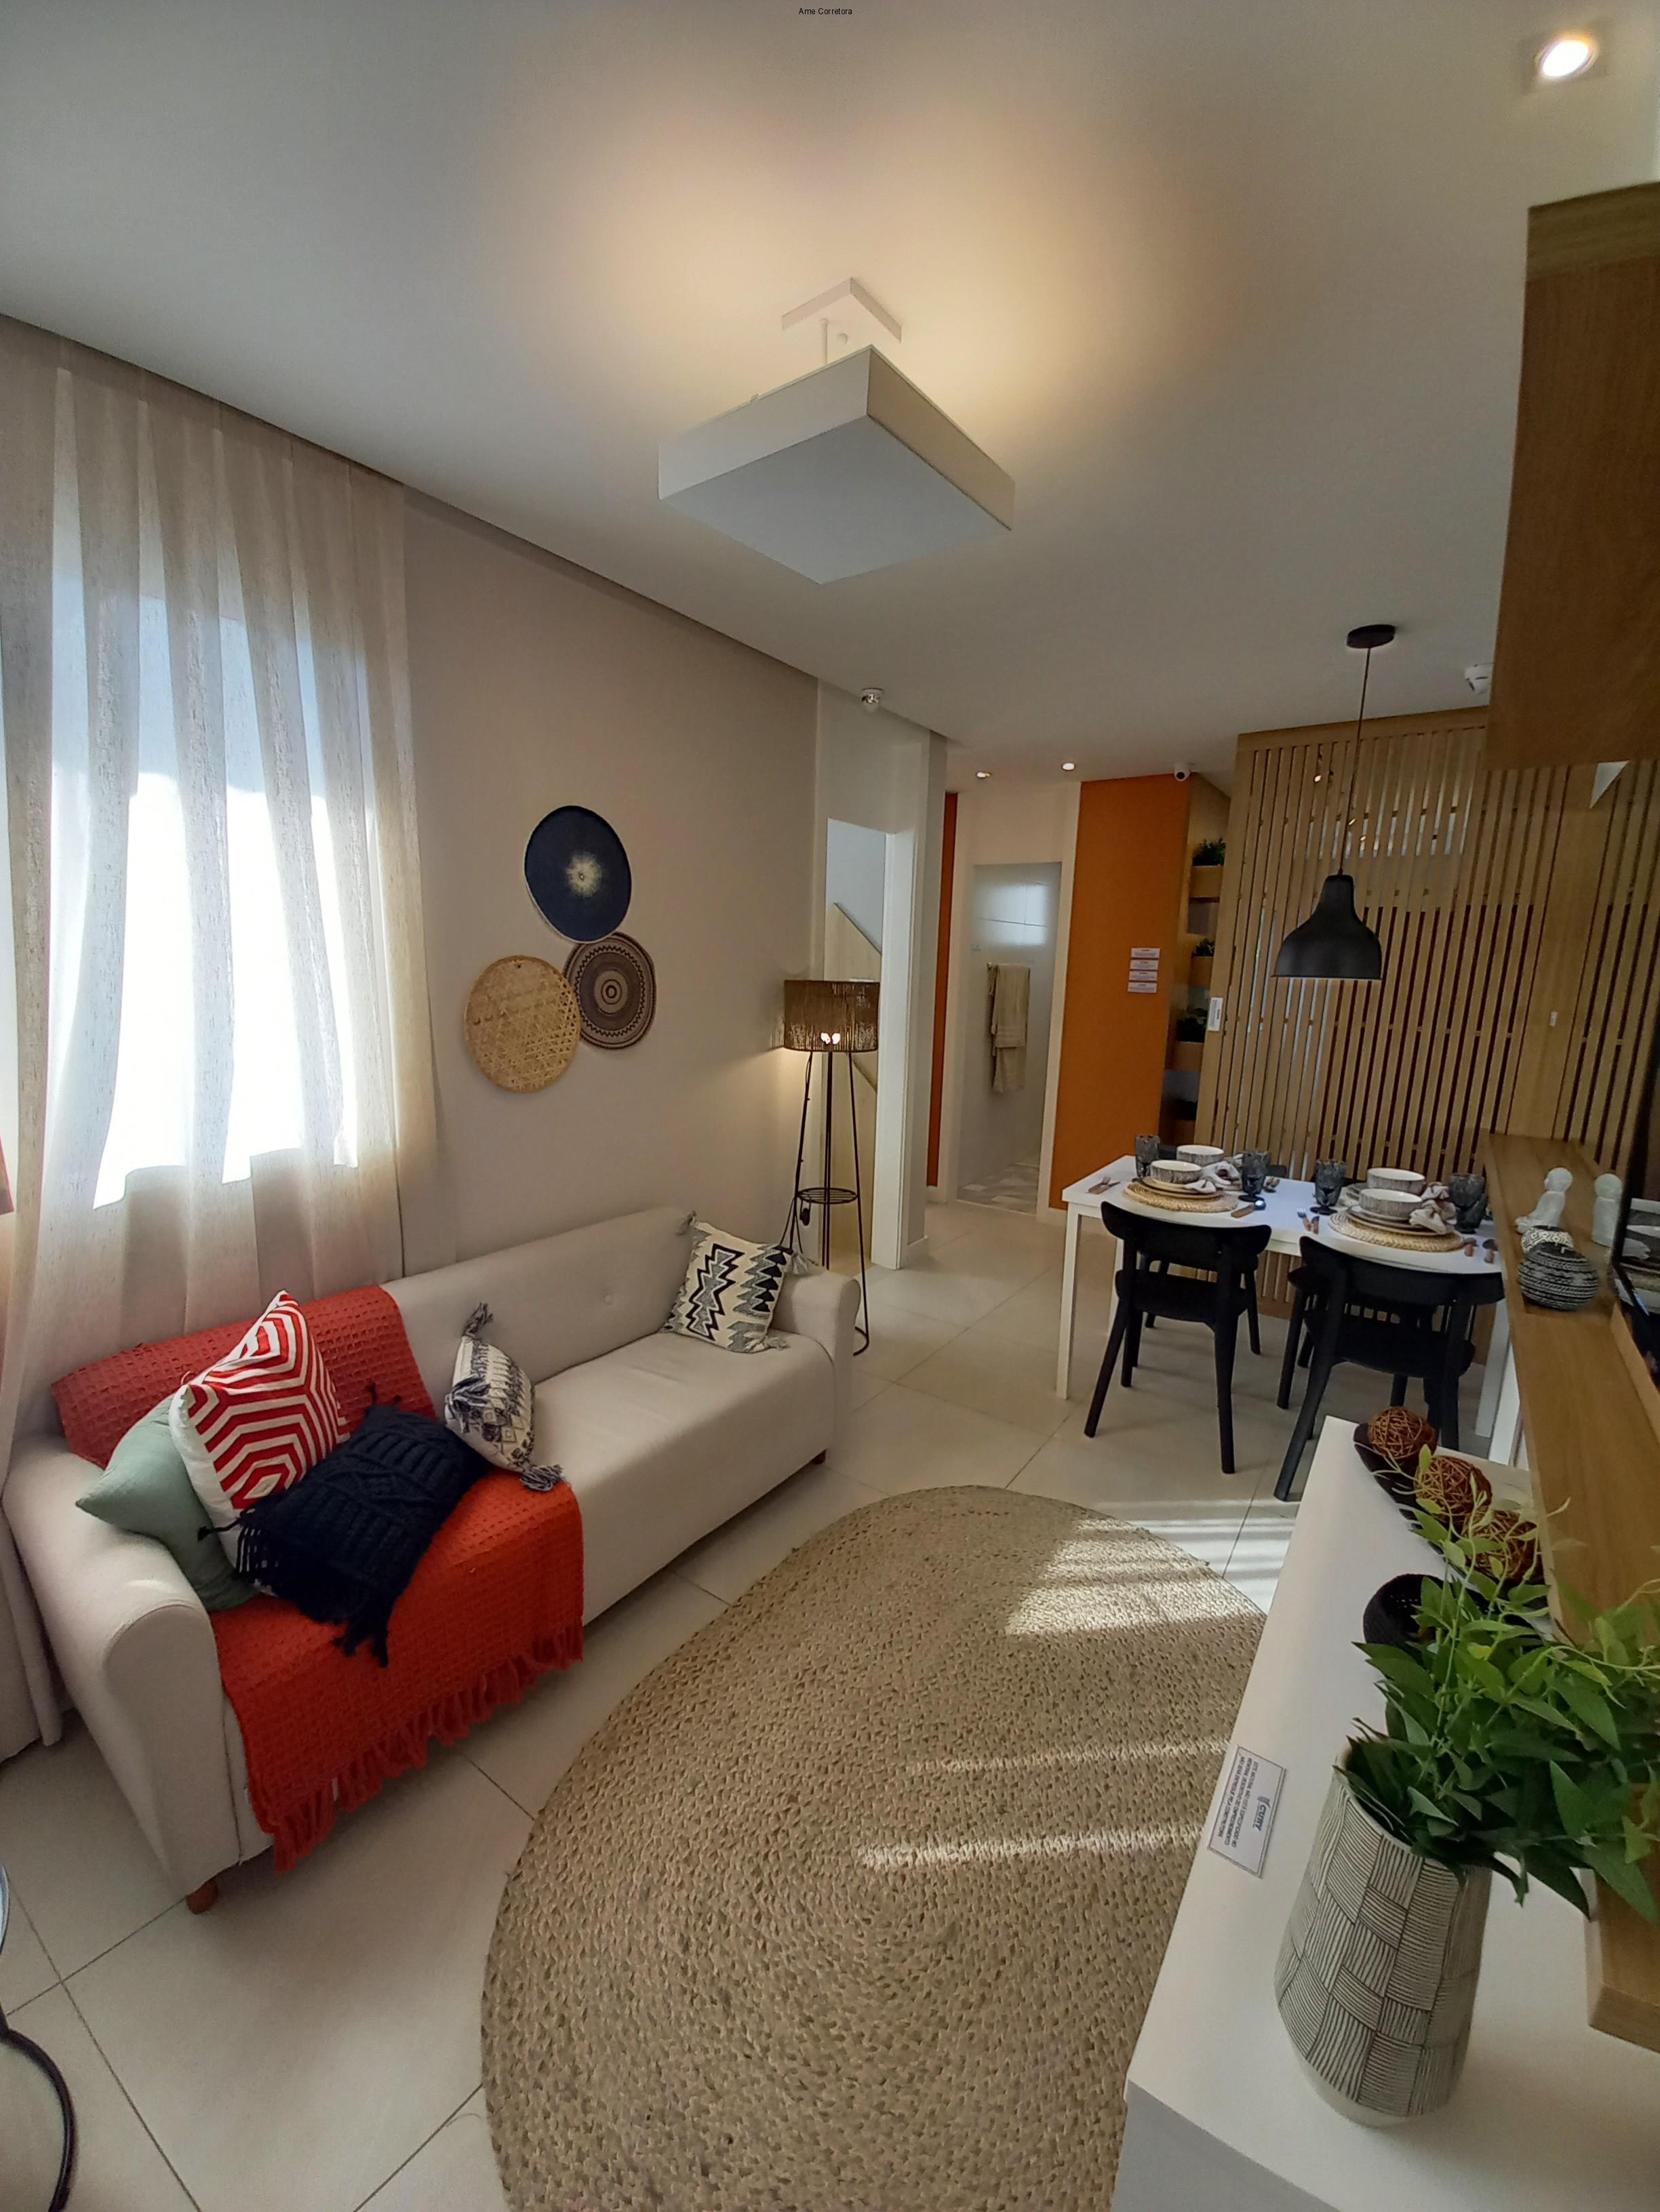 FOTO 01 - Apartamento 2 quartos à venda Rio de Janeiro,RJ - R$ 144.000 - AP00418 - 1